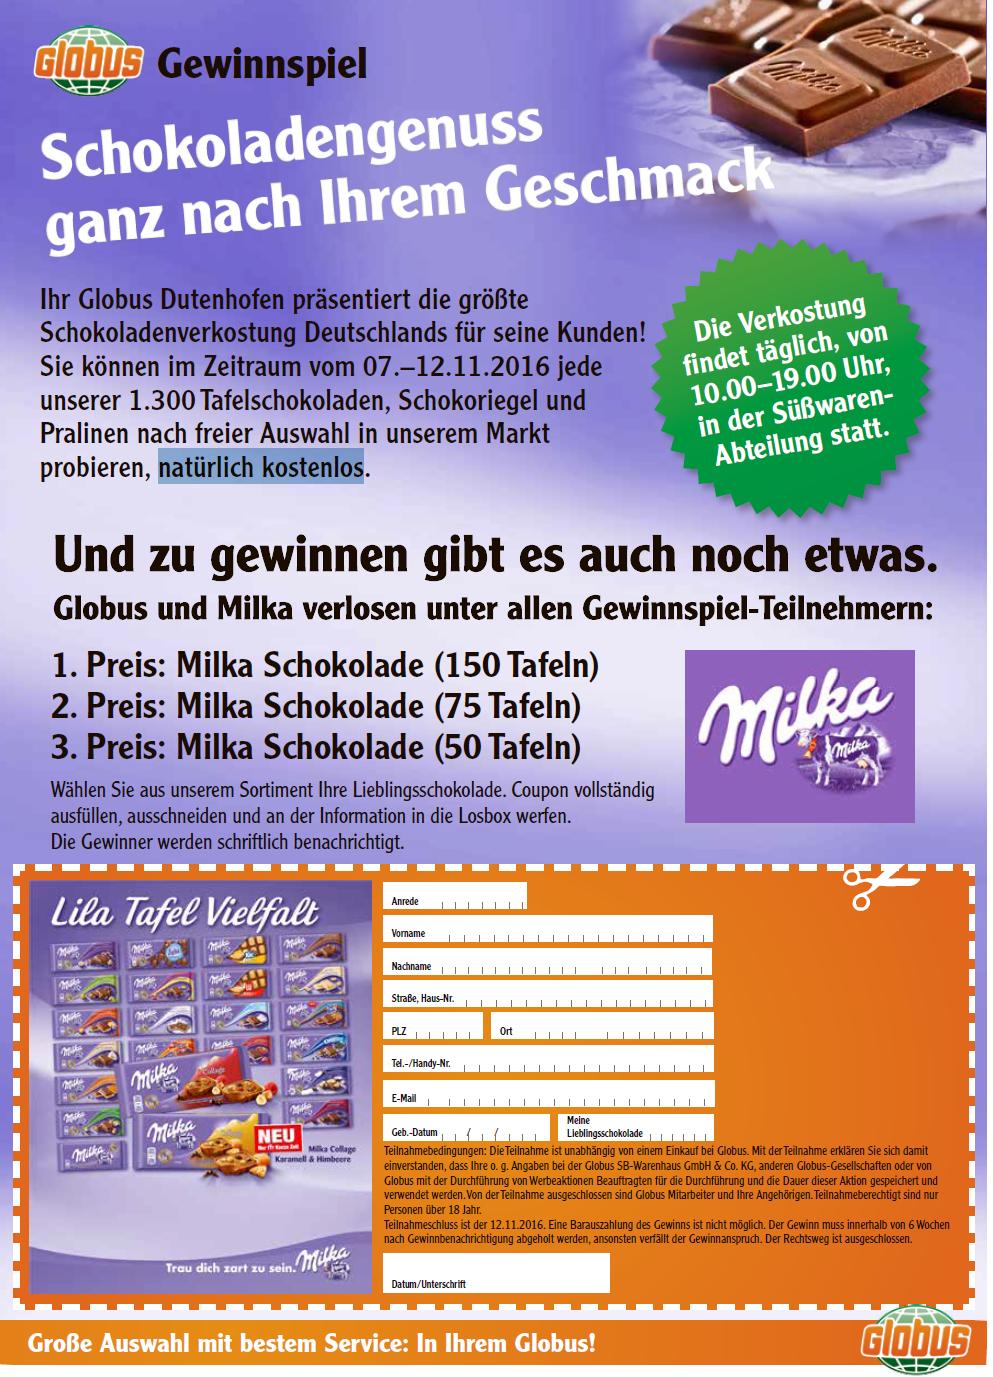 kostenlose Verkostung von Schokolade im Globus Dutenhofen